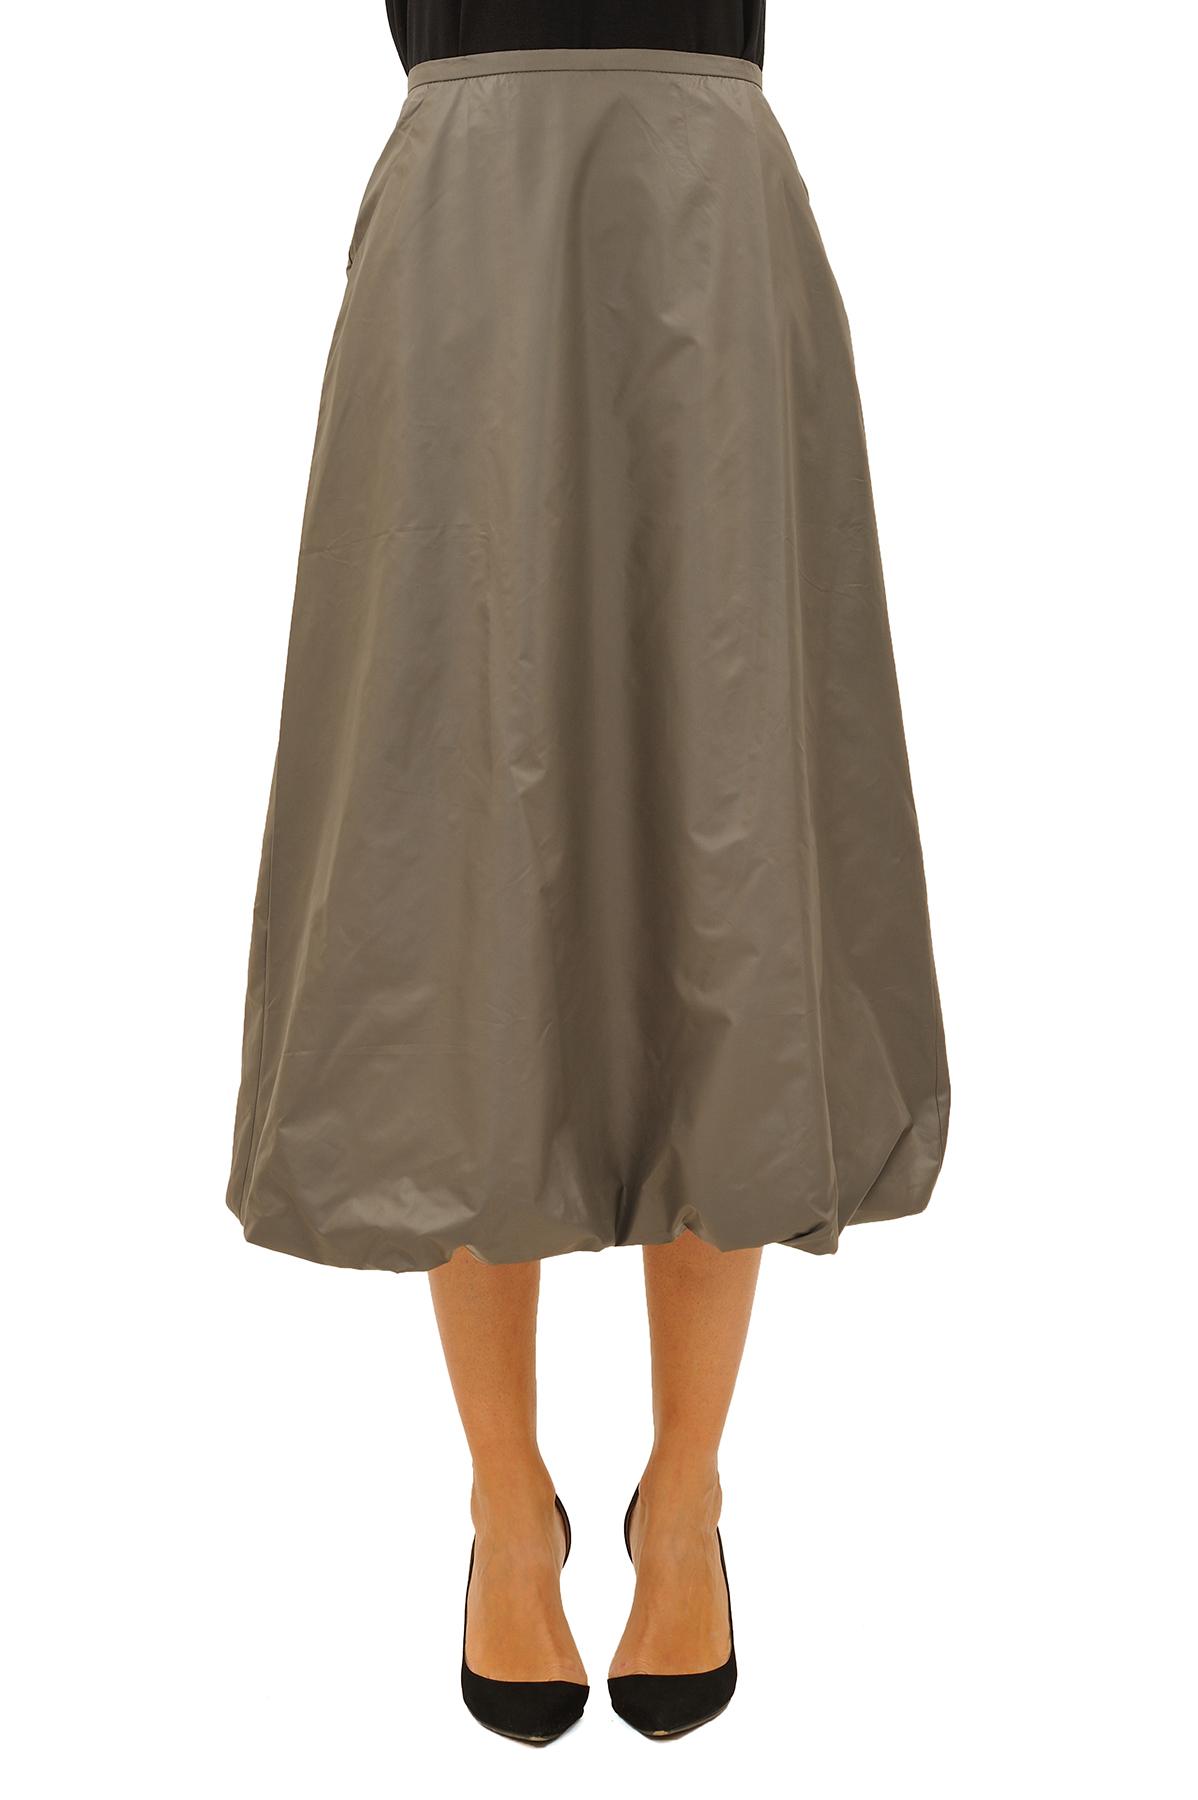 ЮбкаЖенские юбки и брюки<br>Эффектная юбка должна быть в каждом гардеробе и эта модель отвечает всем требованиям современной модницы! Благодаря спокойной однотонной расцветке, юбка превосходно гармонирует с любыми вещами.<br><br>Цвет: серый<br>Состав: 100 % полиэстер<br>Размер: 42,44<br>Страна дизайна: Россия<br>Страна производства: Россия